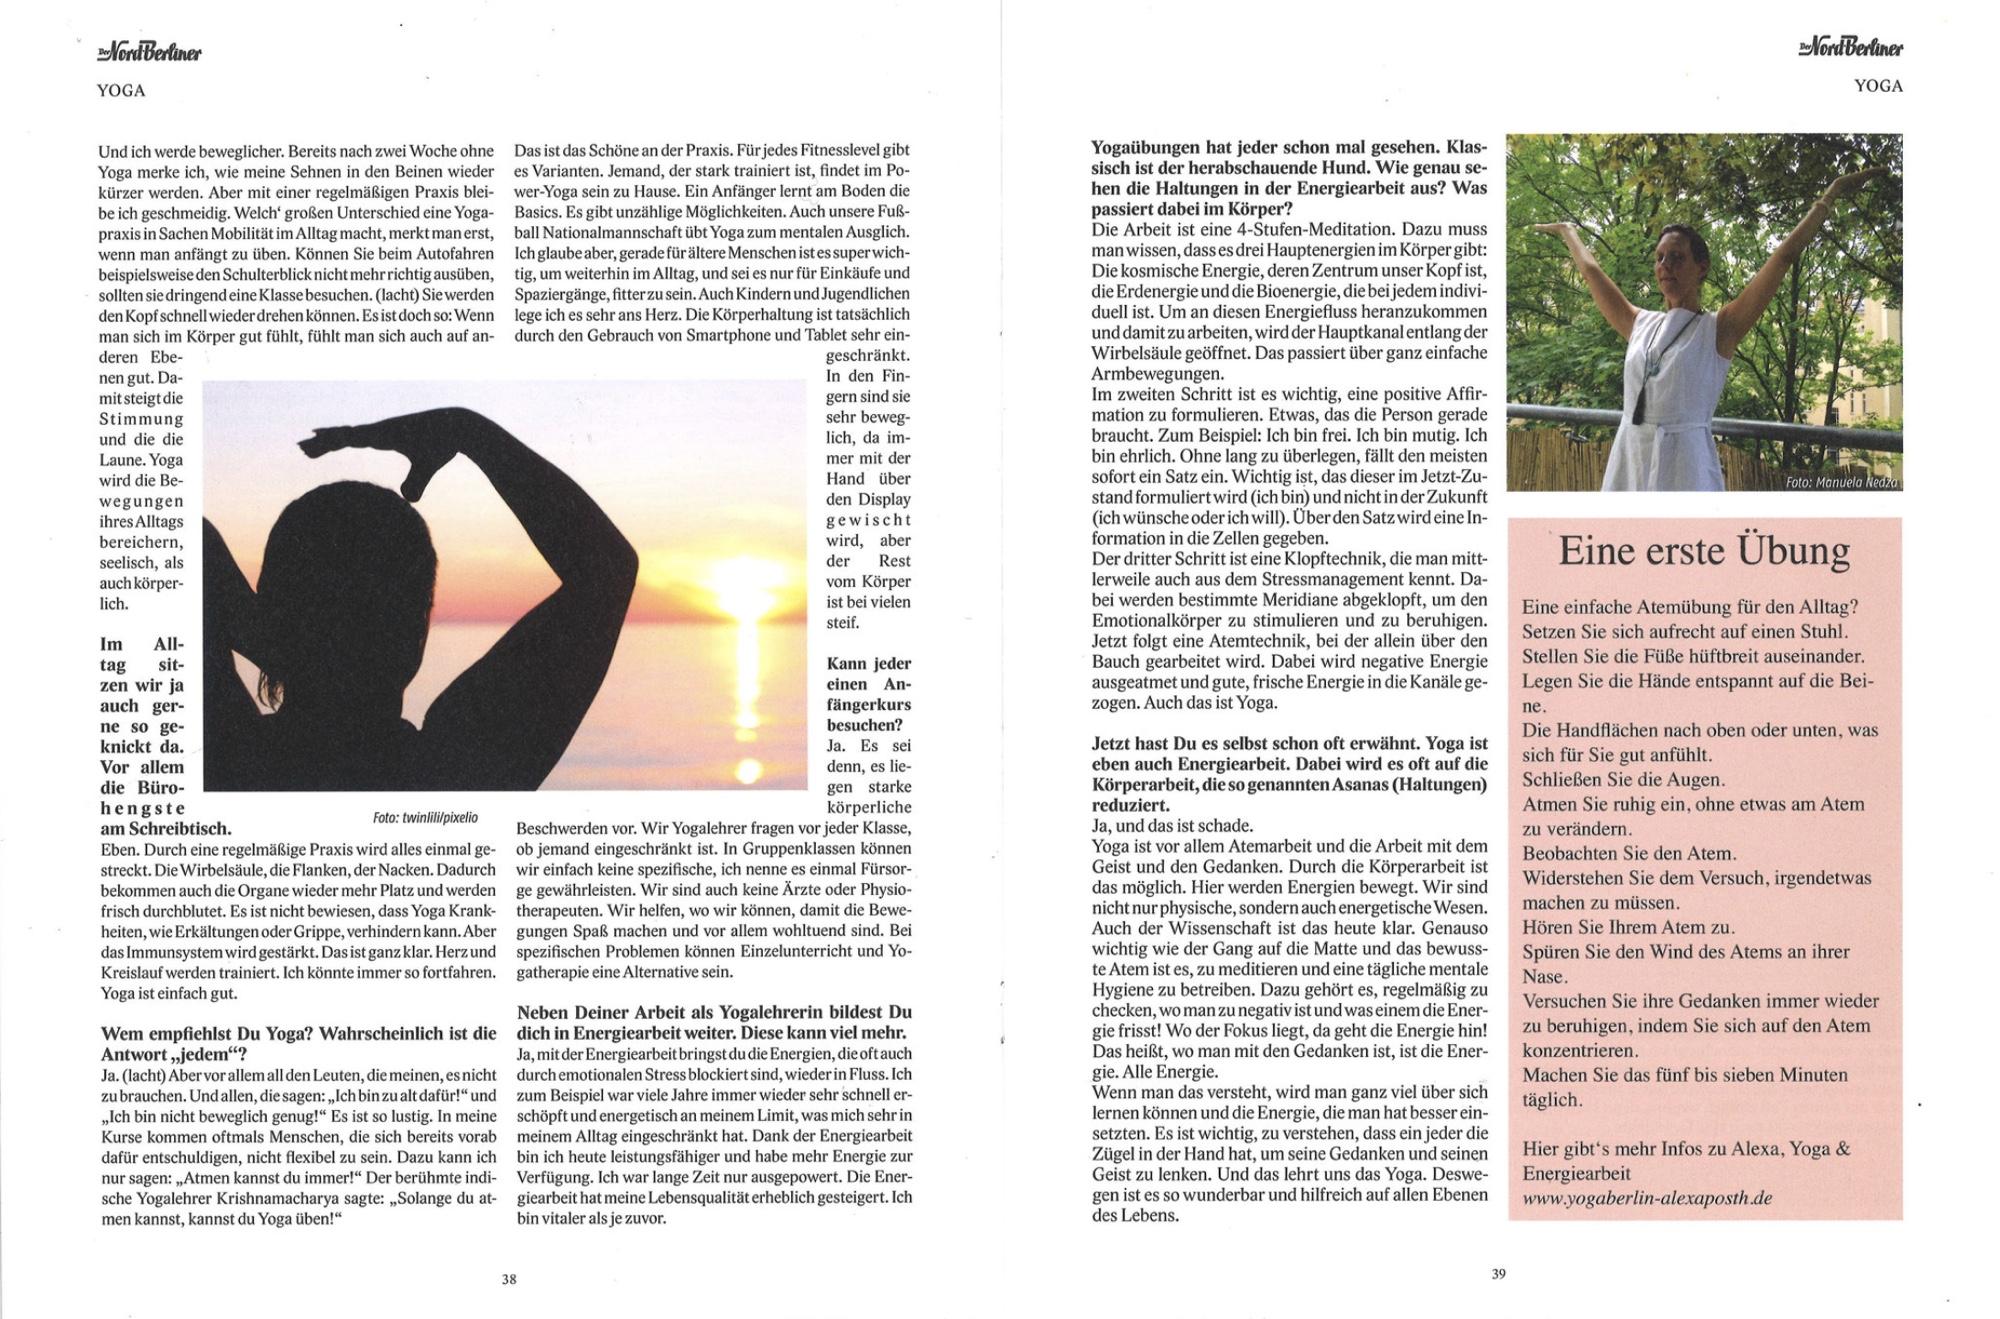 Interview Nord-Berliner Alexa Posth 2